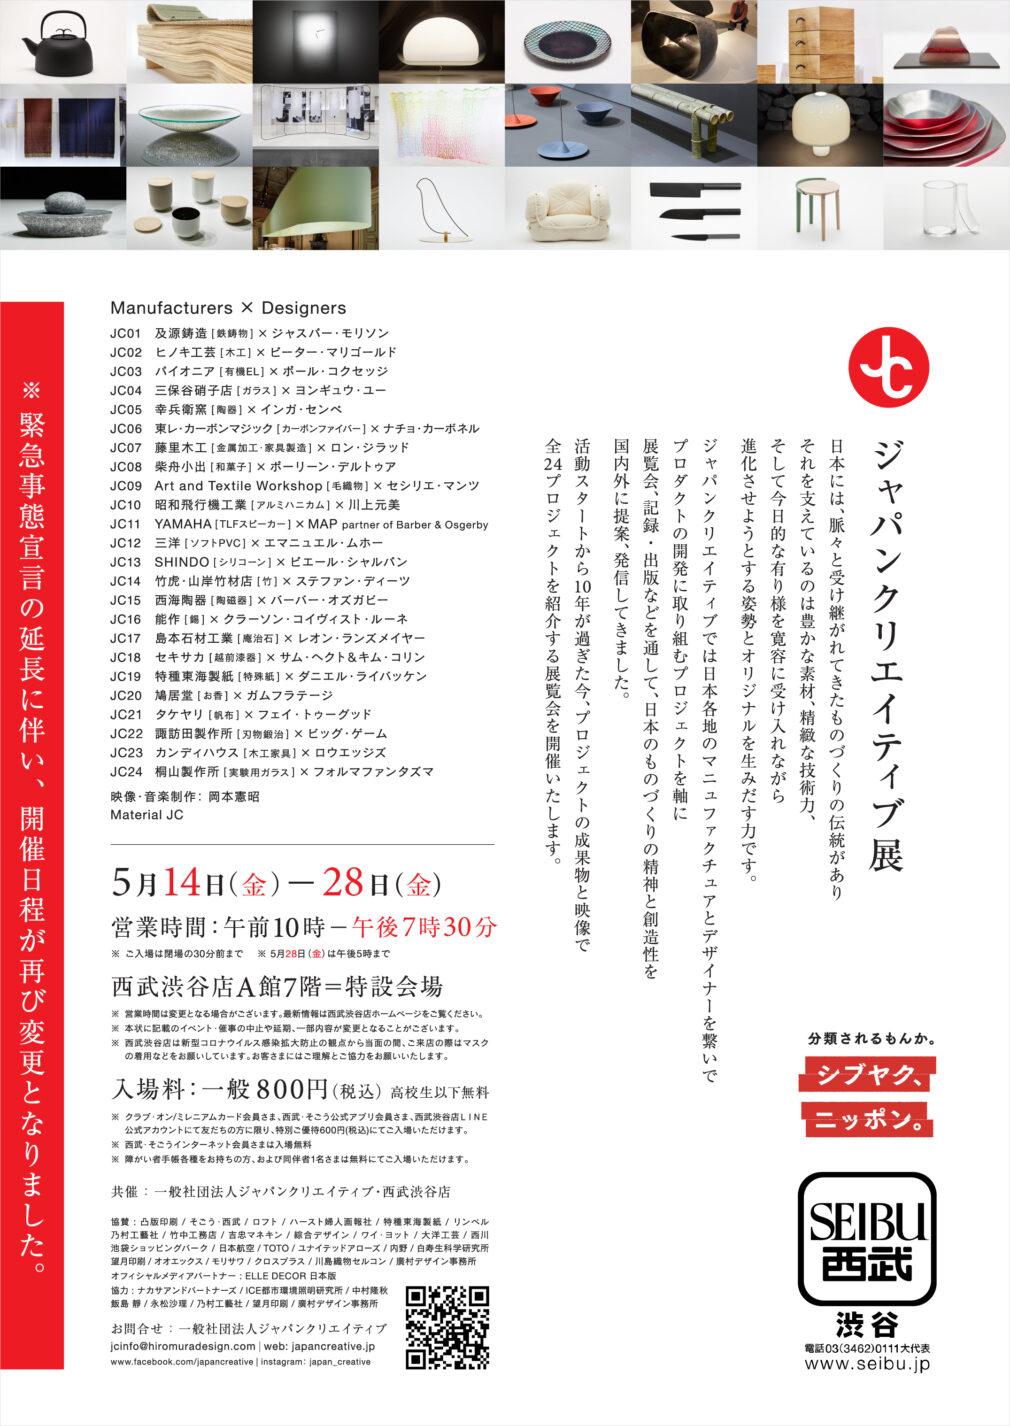 ジャパンクリエイティブ展